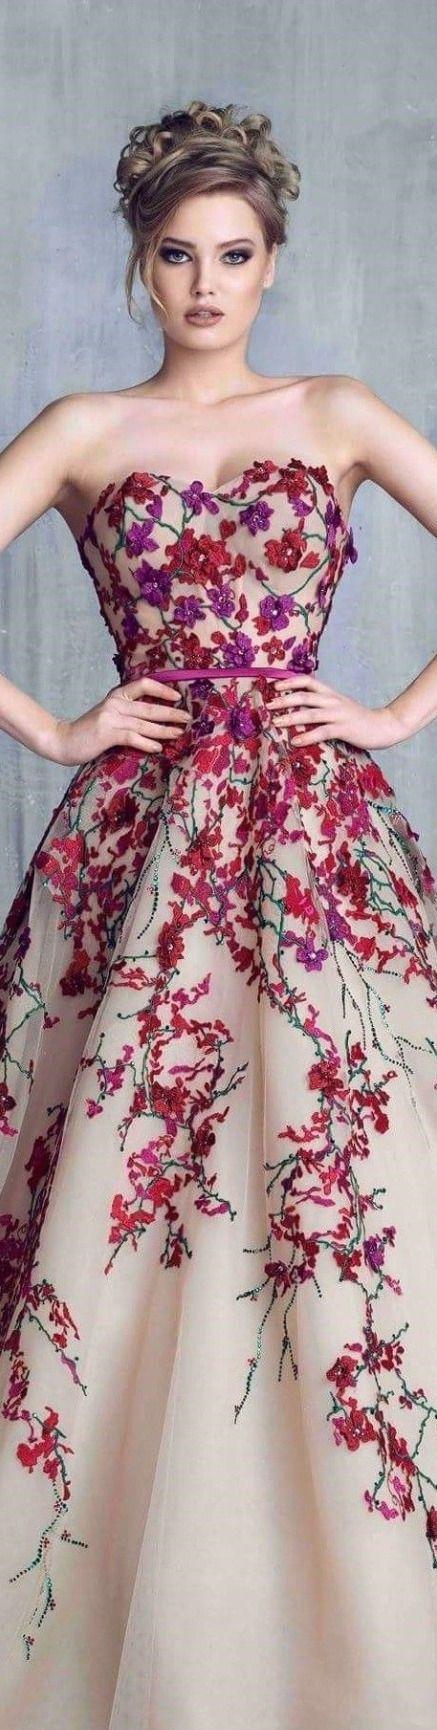 Pin de GM-Fashion en All things glamorous | Pinterest | Belle ...